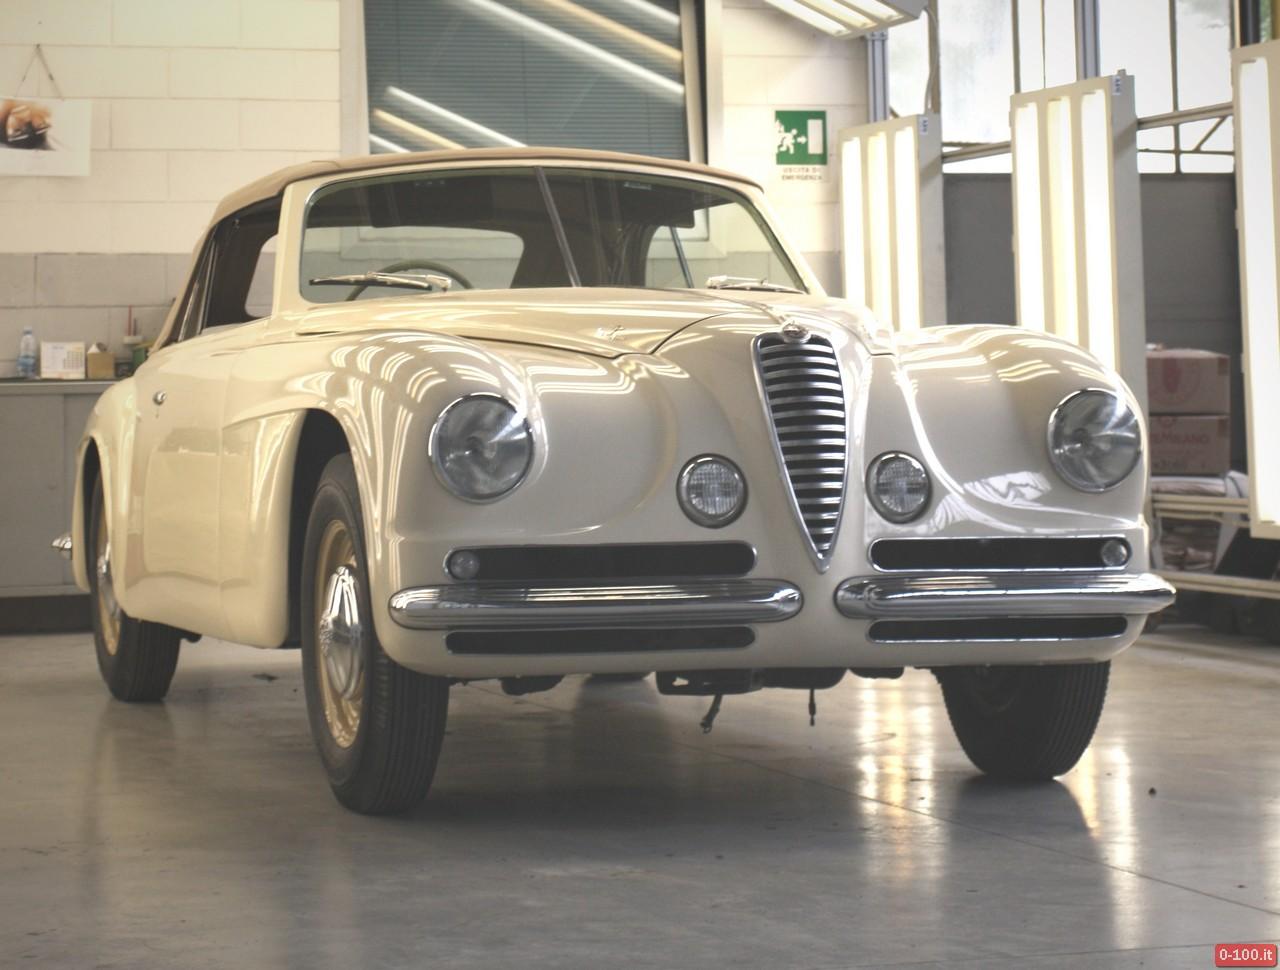 1952-Alfa-Romeo-6C-2500-Villa-Este-Convertible-0-100-retromobile-2014